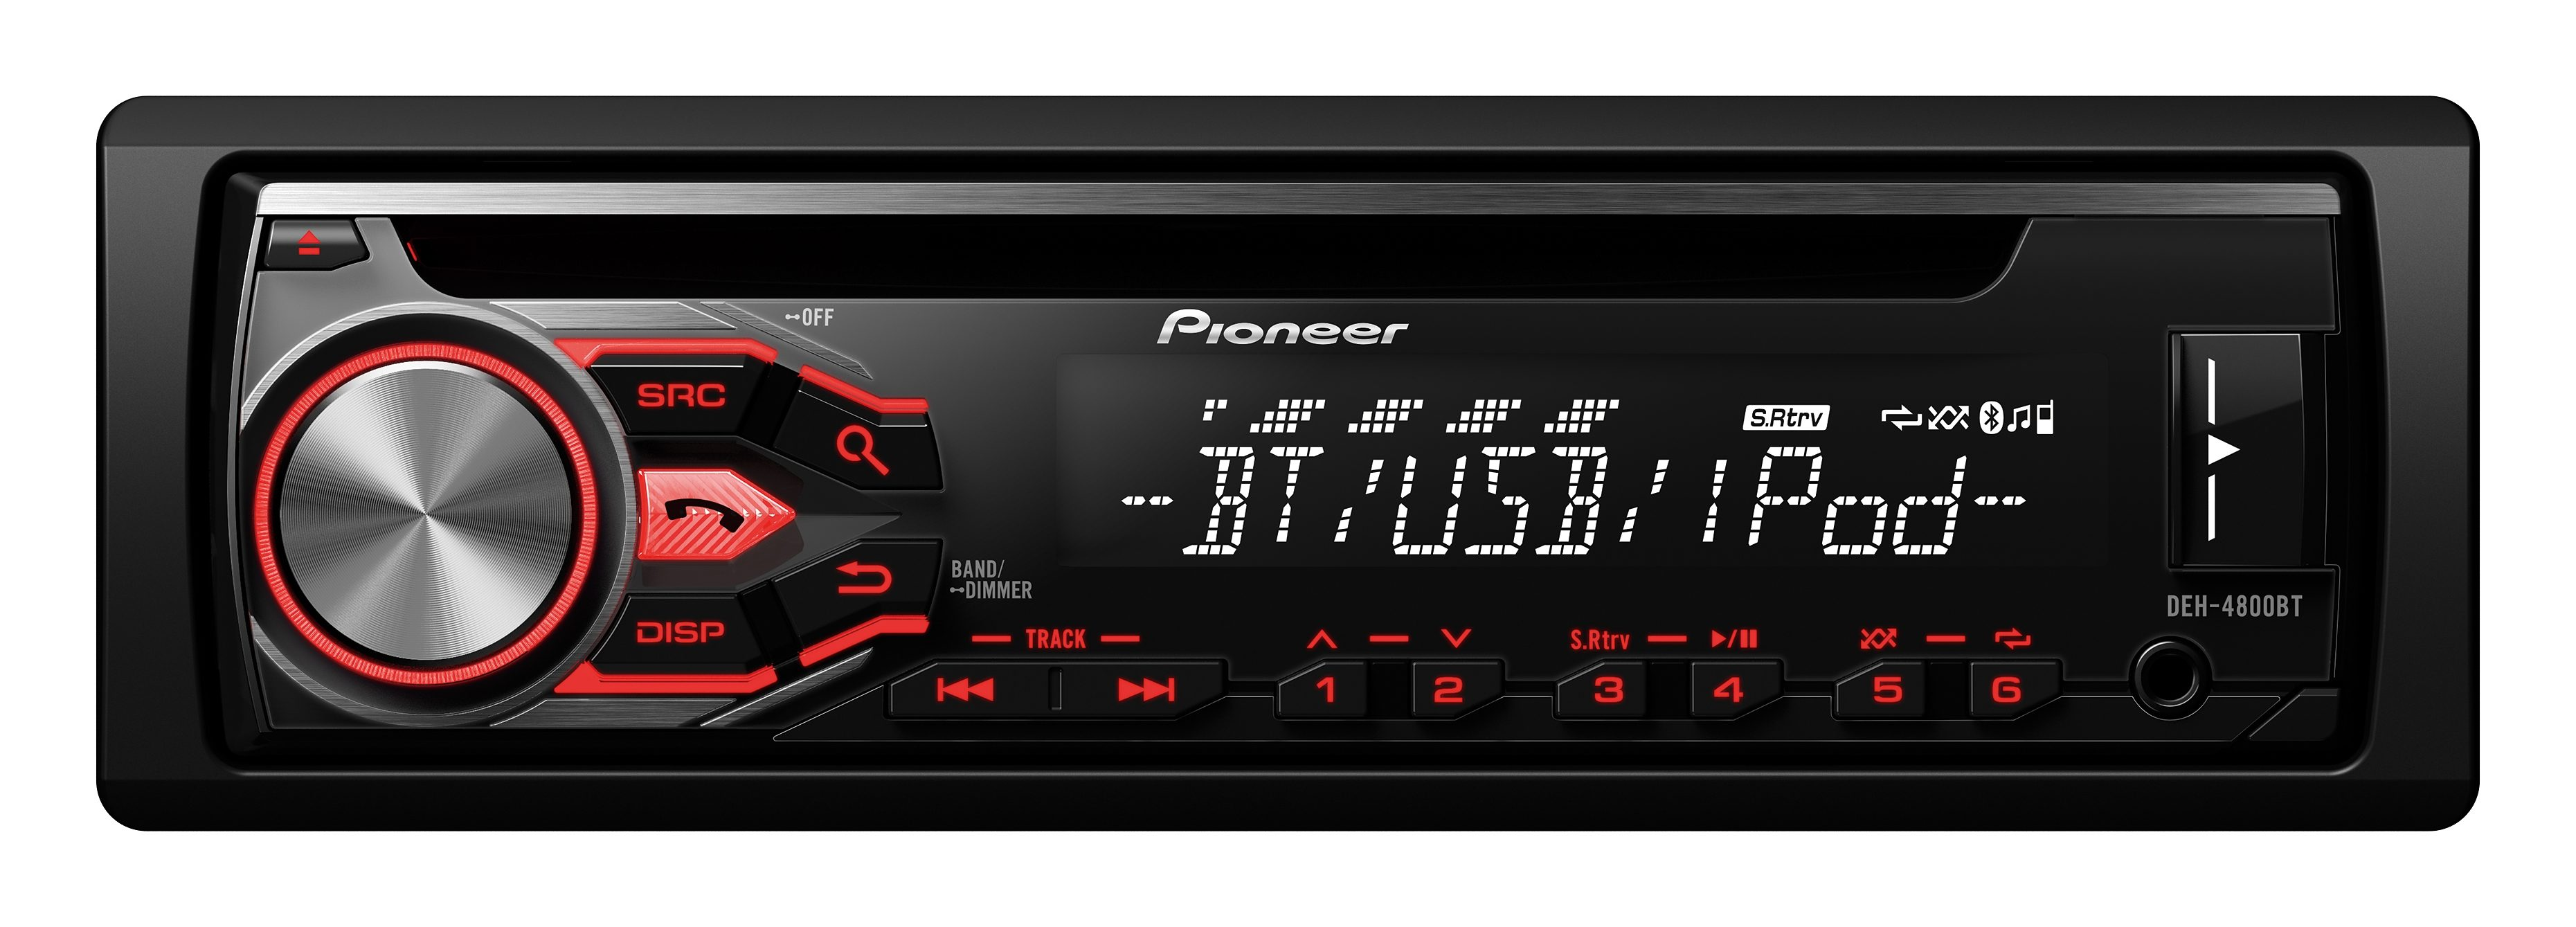 PIONEER 1-DIN CD-Autoradio mit RDS »DEH-4800BT«